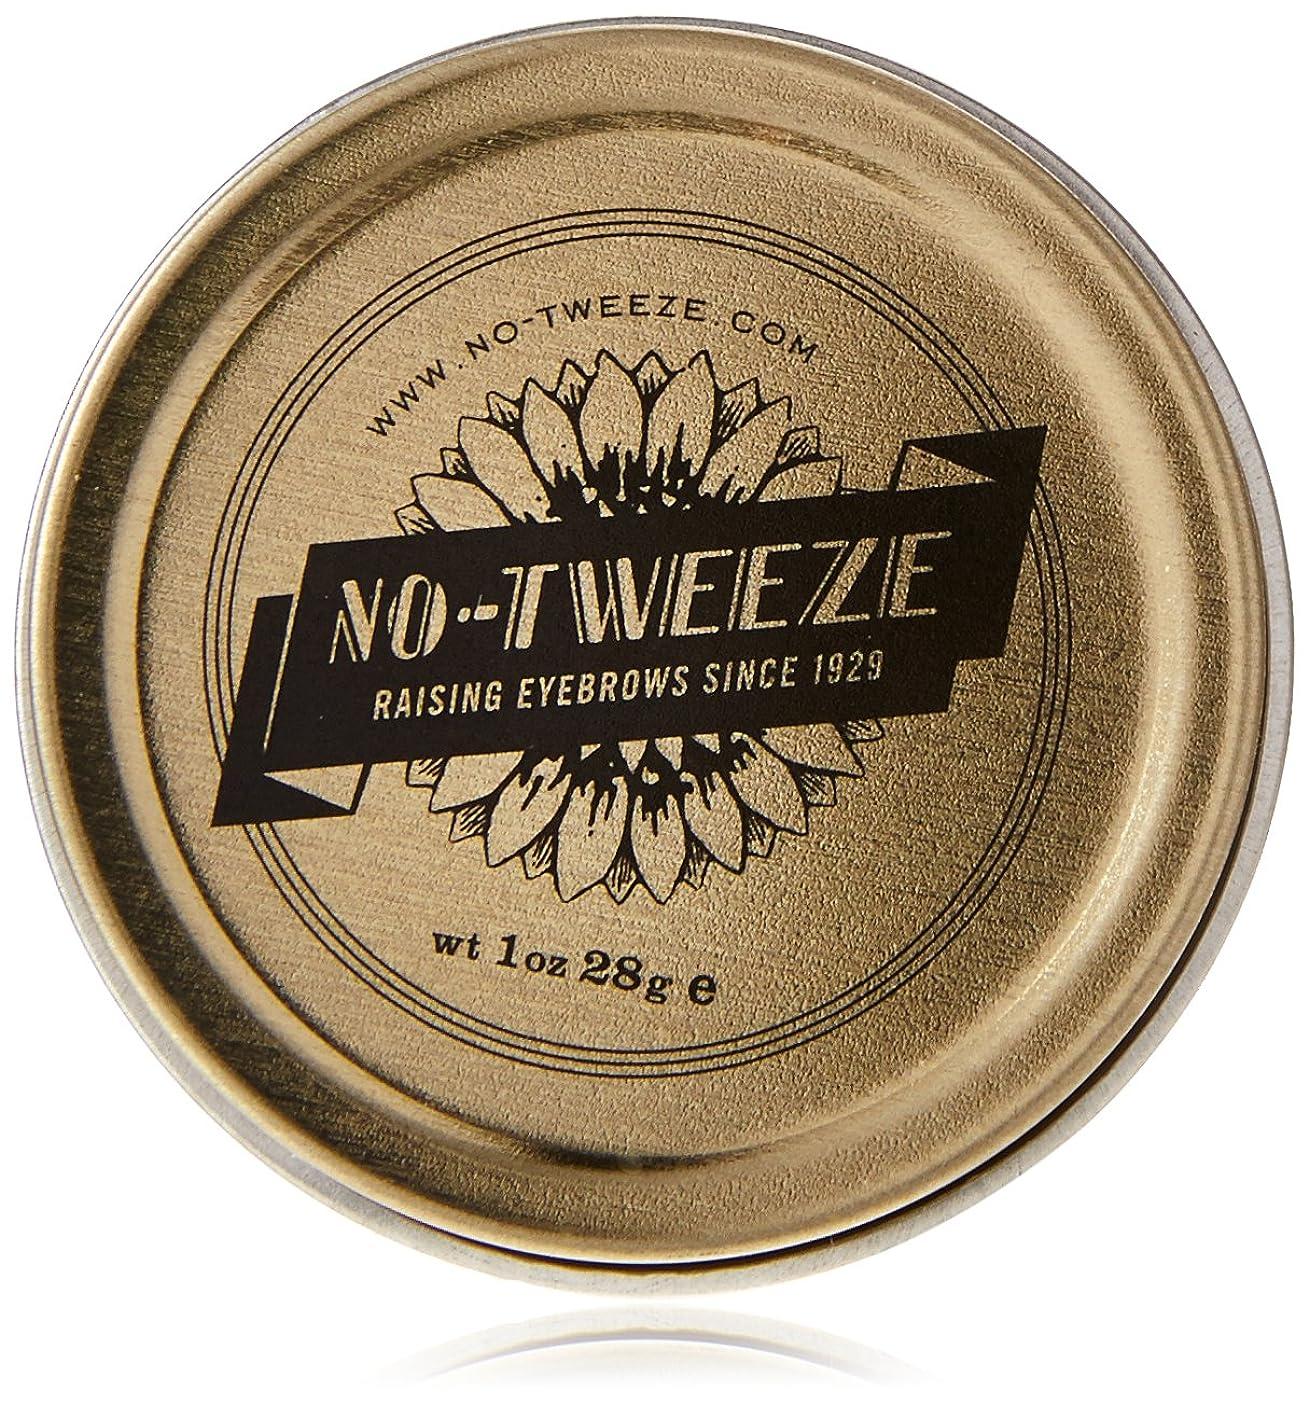 職業アレルギーオーバードローNo-Tweeze 28g by No-Tweeze